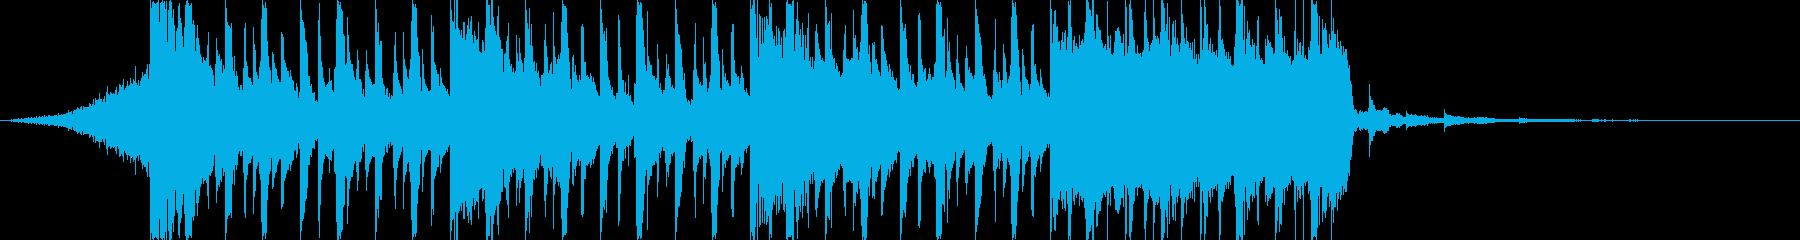 企業VP向け、爽やかポップ4つ打ち7-3の再生済みの波形